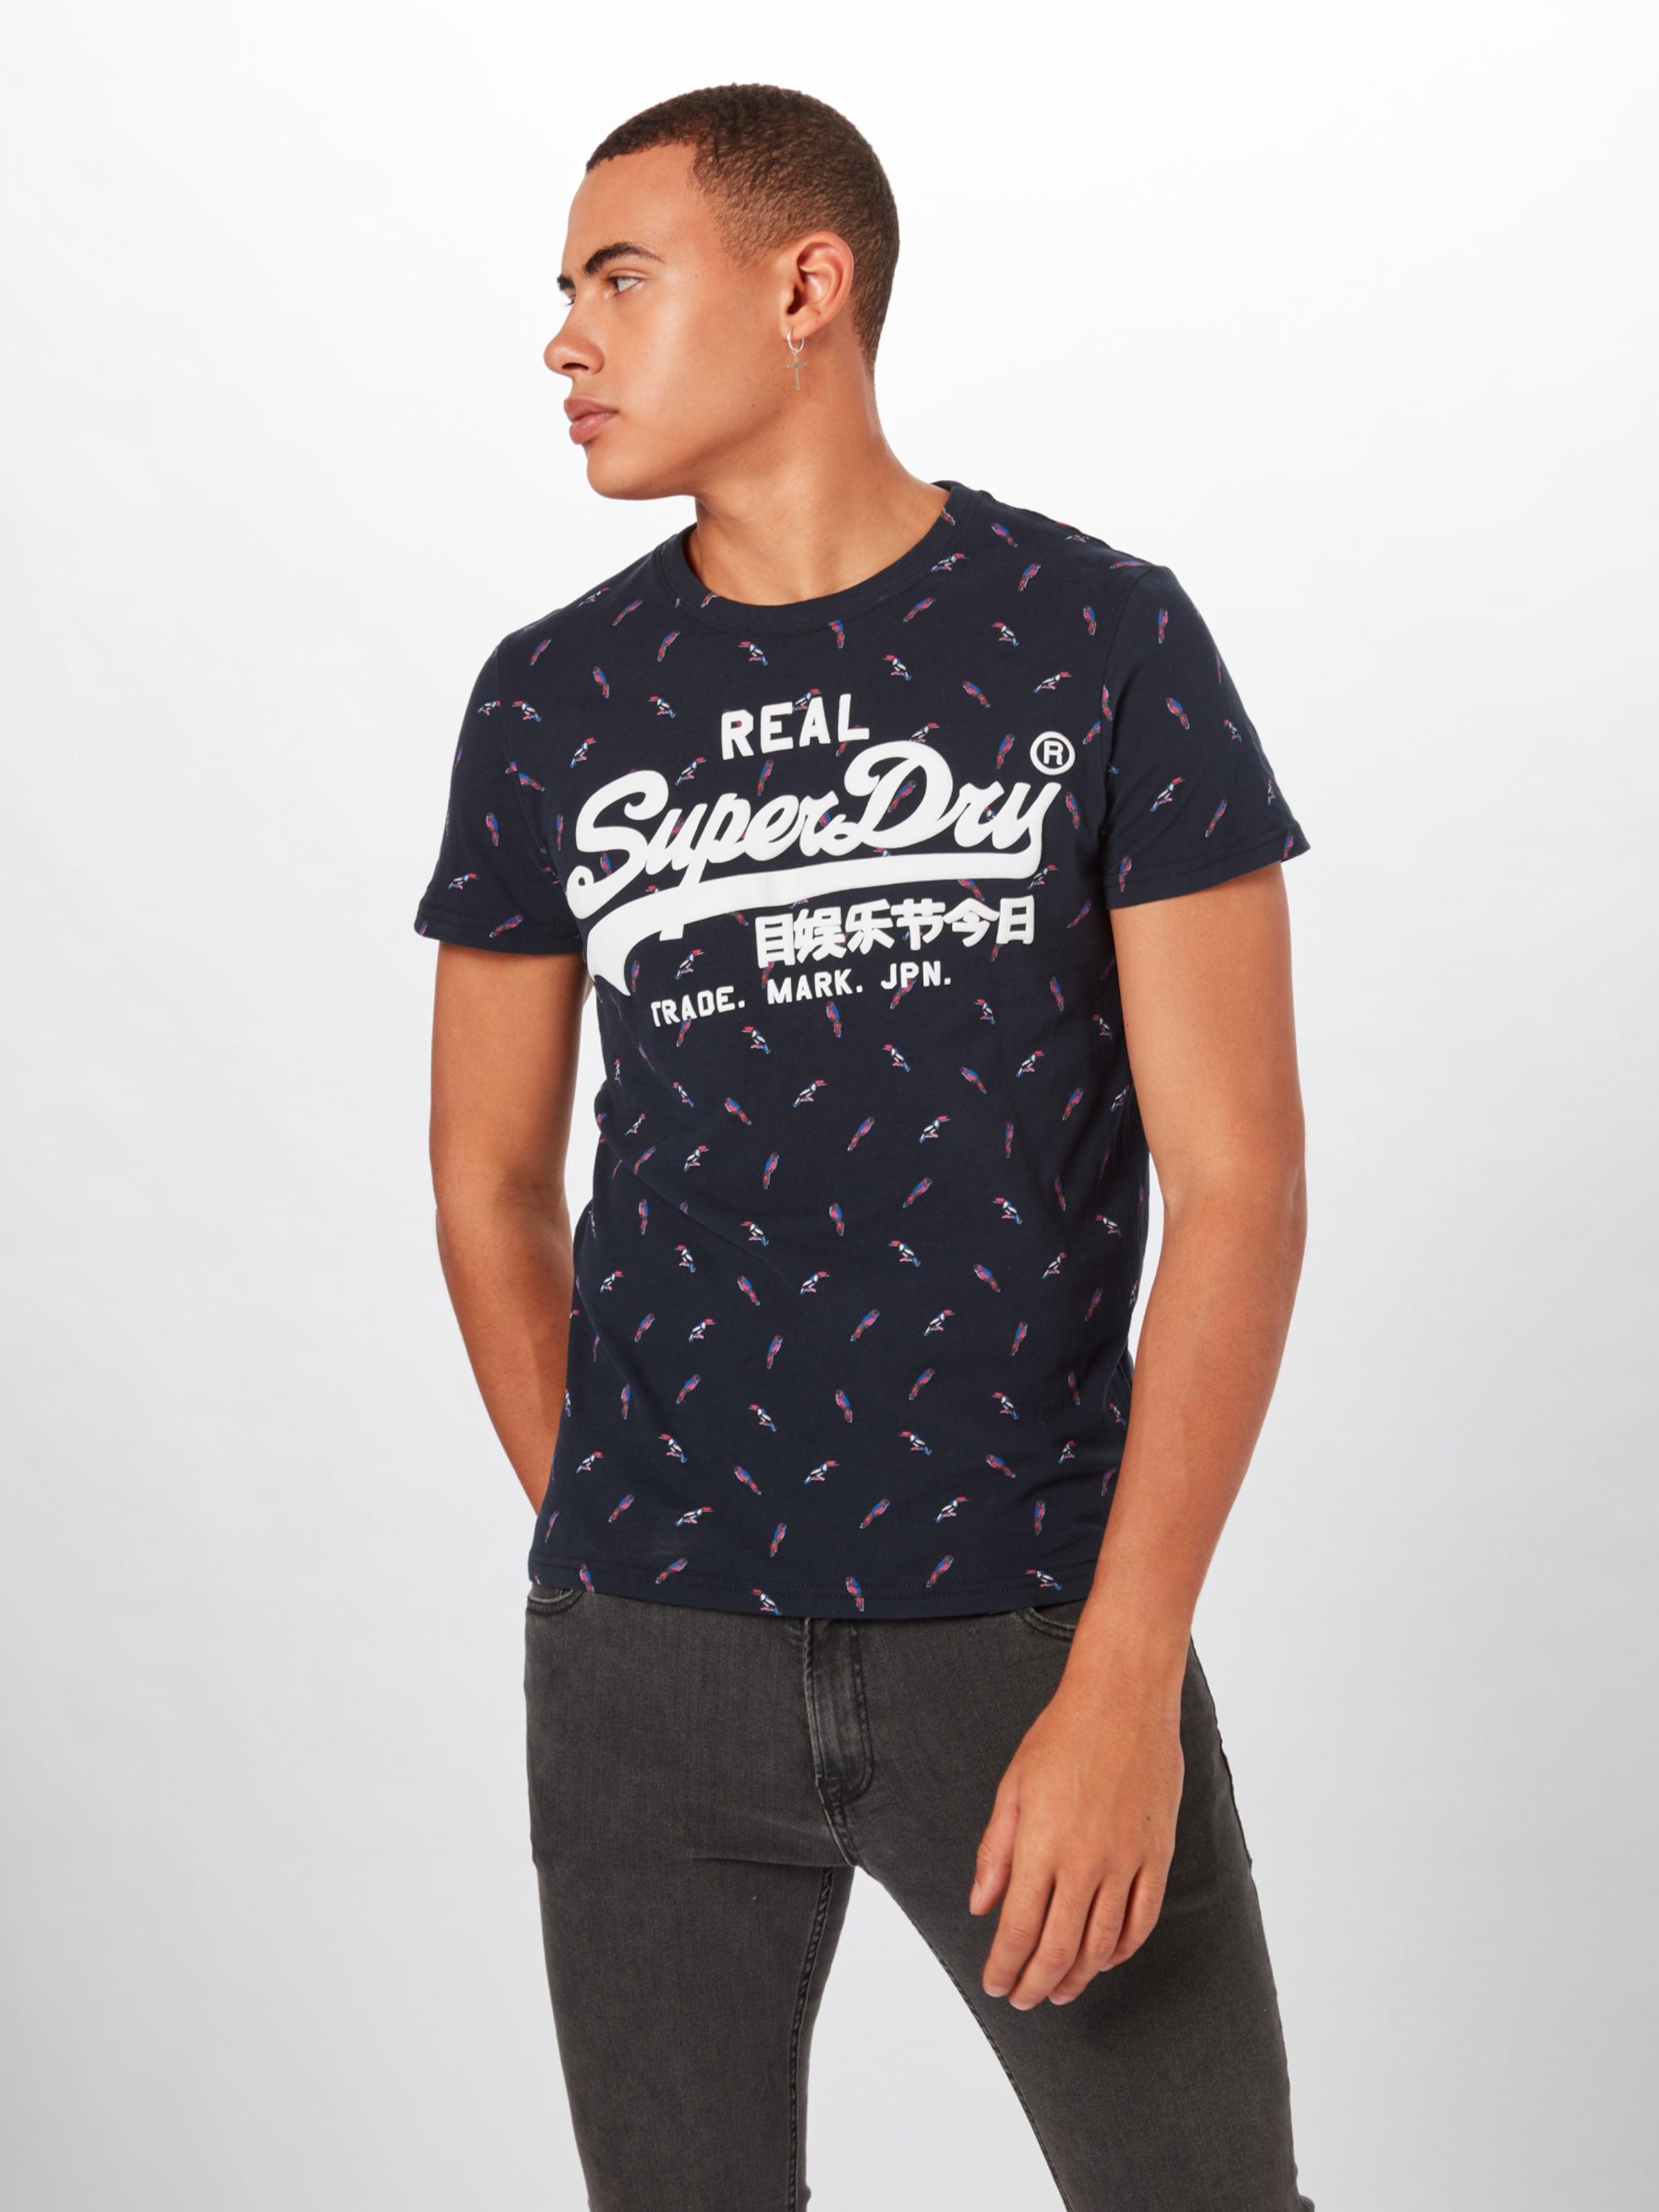 T Mid Superdry Logo En Tee' shirt Aop MarineBlanc 'vintage Bleu wZkuOXiTlP